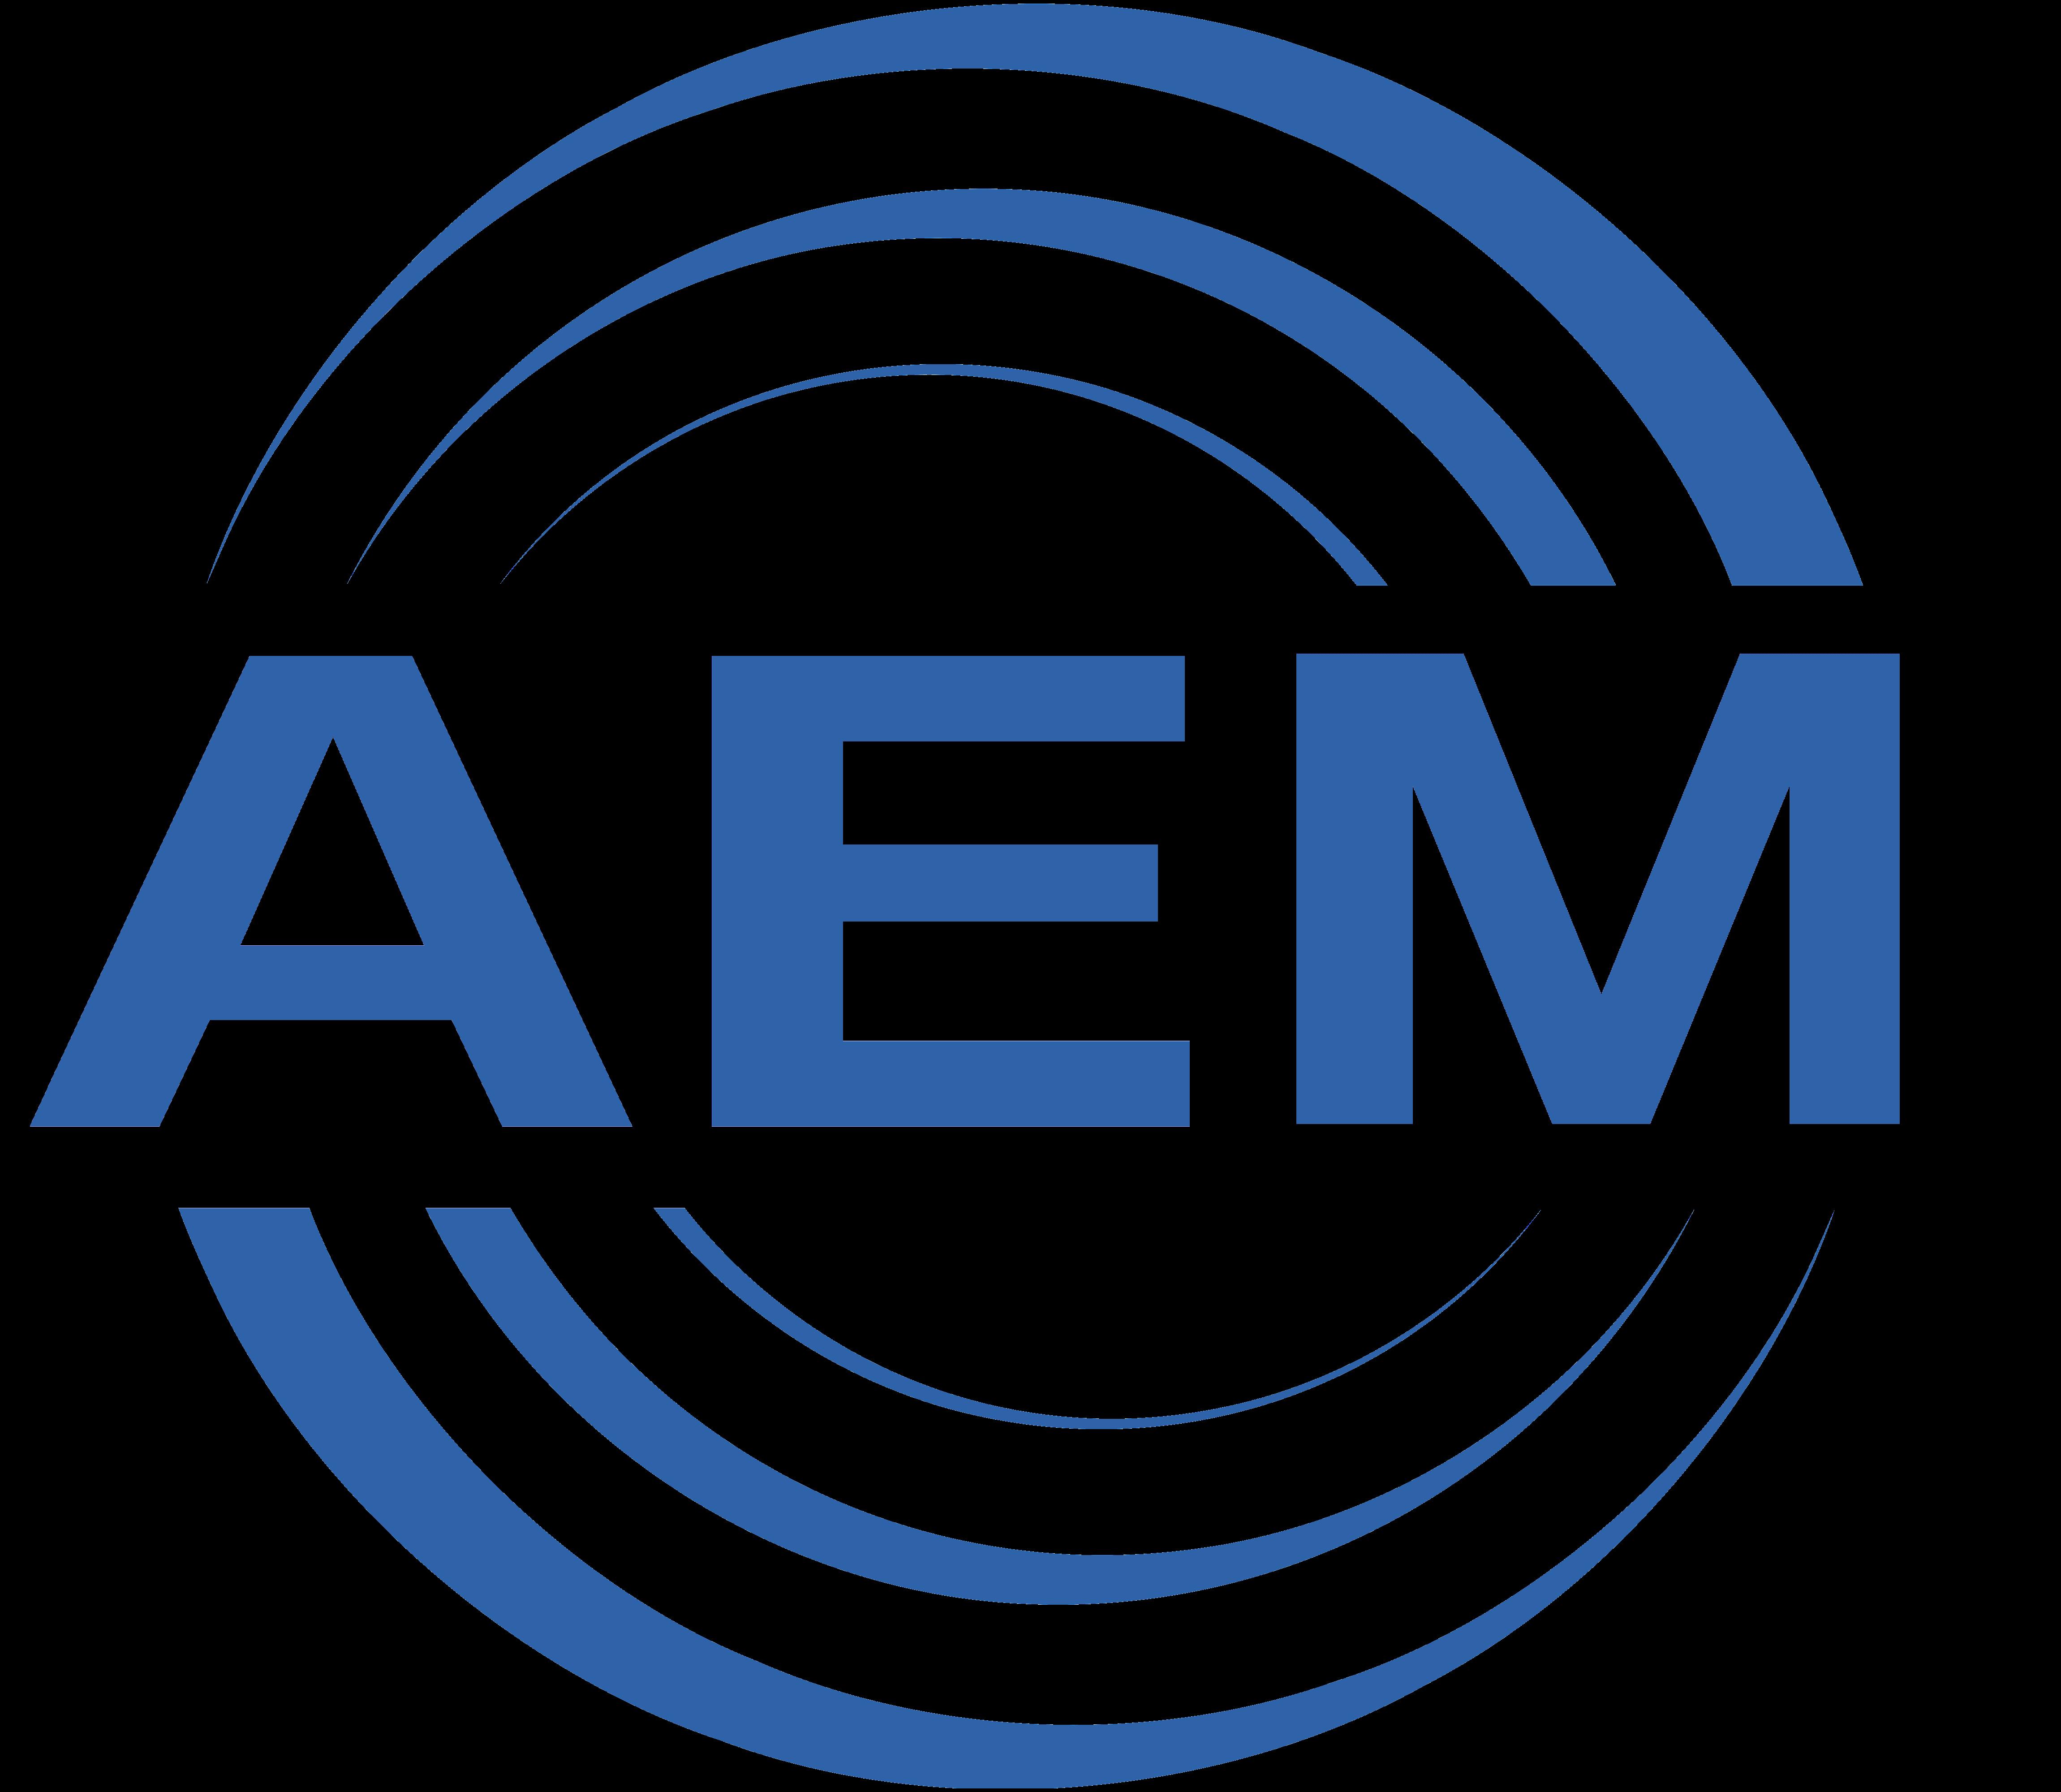 File:AEM-Logo.png - Aem Logo PNG